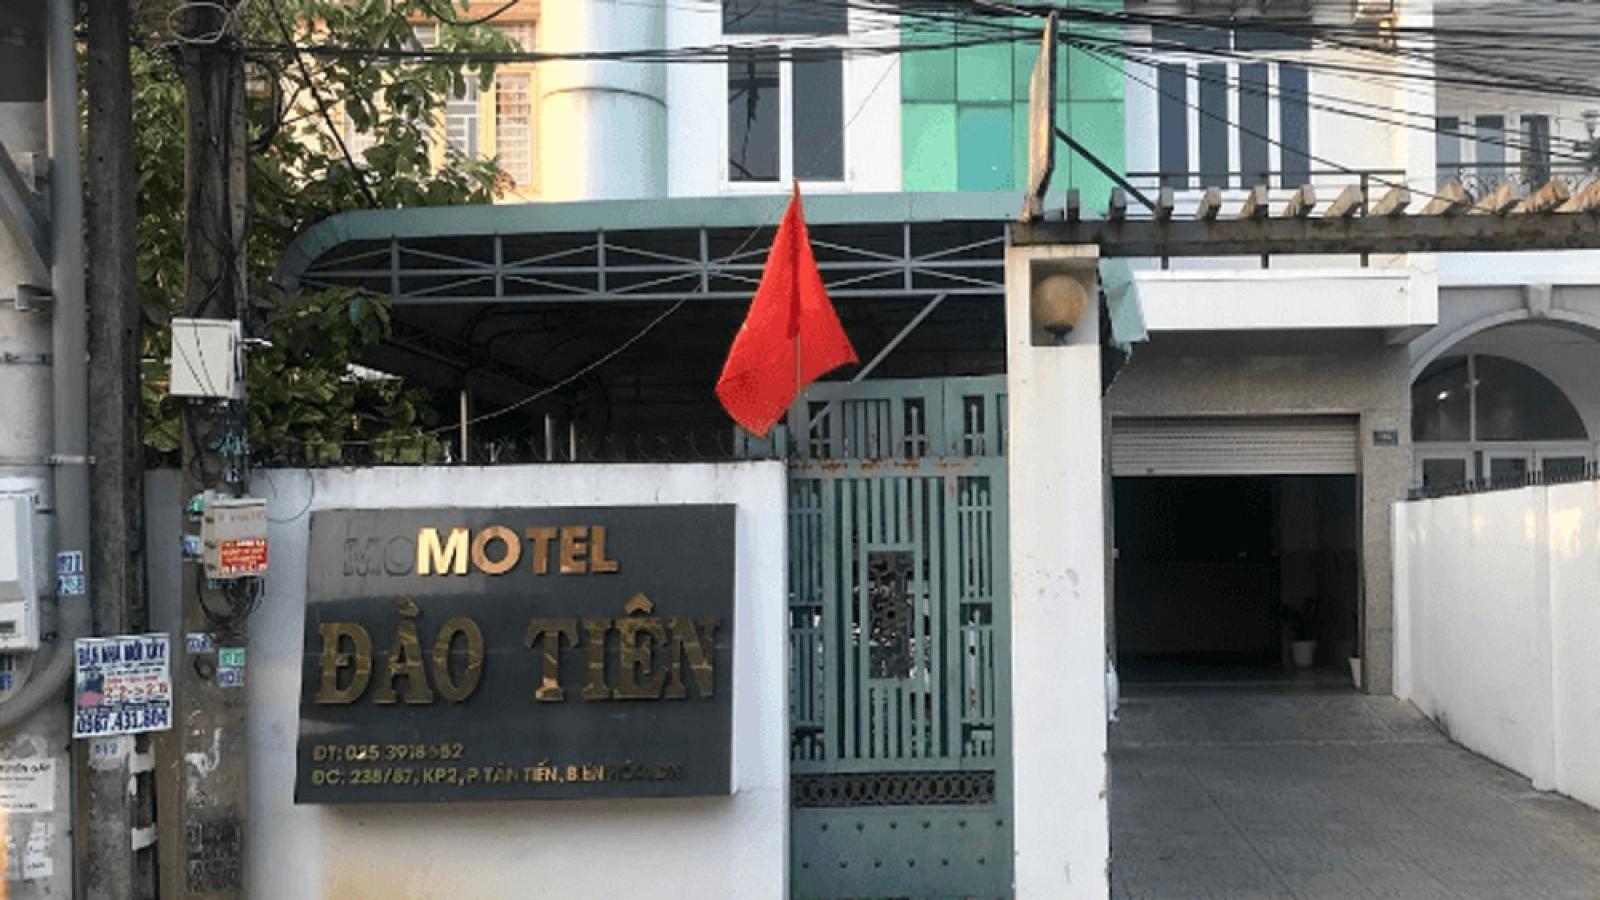 12 người Trung Quốc nhập cảnh không có giấy tờ